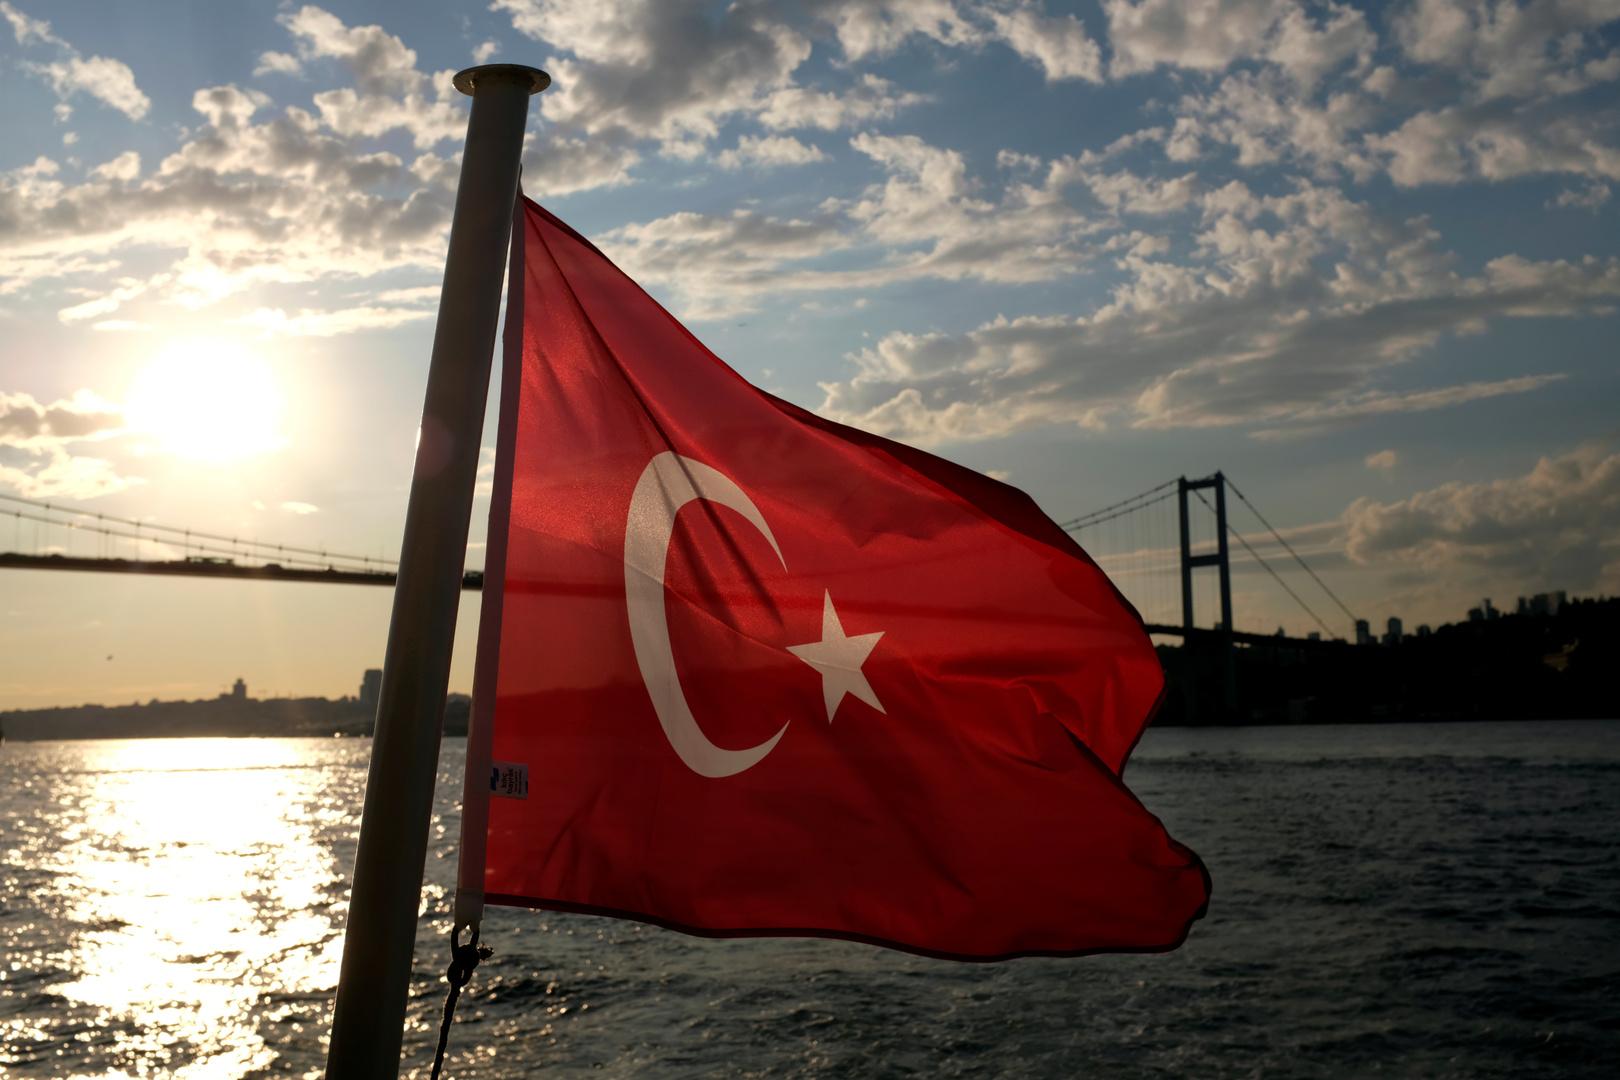 بيان لوزارة الدفاع التركية بشأن هجوم في شمال العراق